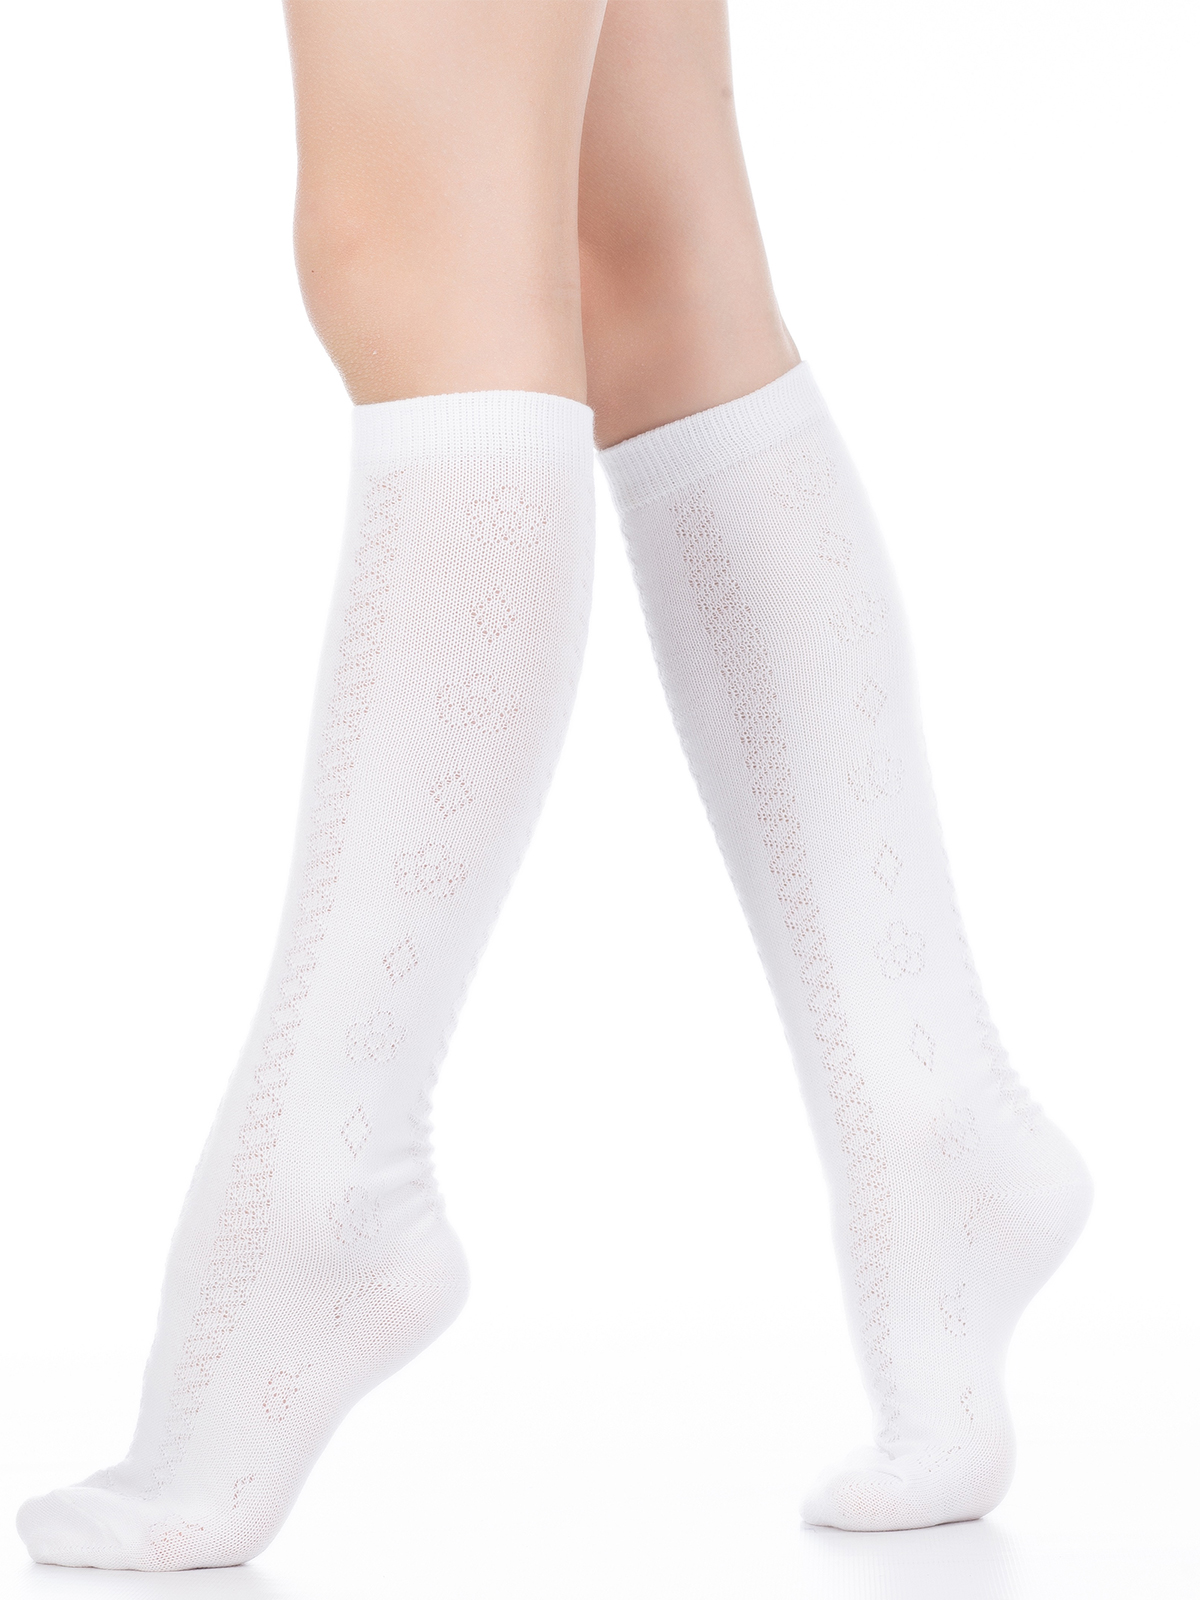 Купить Гольфы детские Hobby Line 839 ажурные, классика, белый, 20, Гольфы для девочек